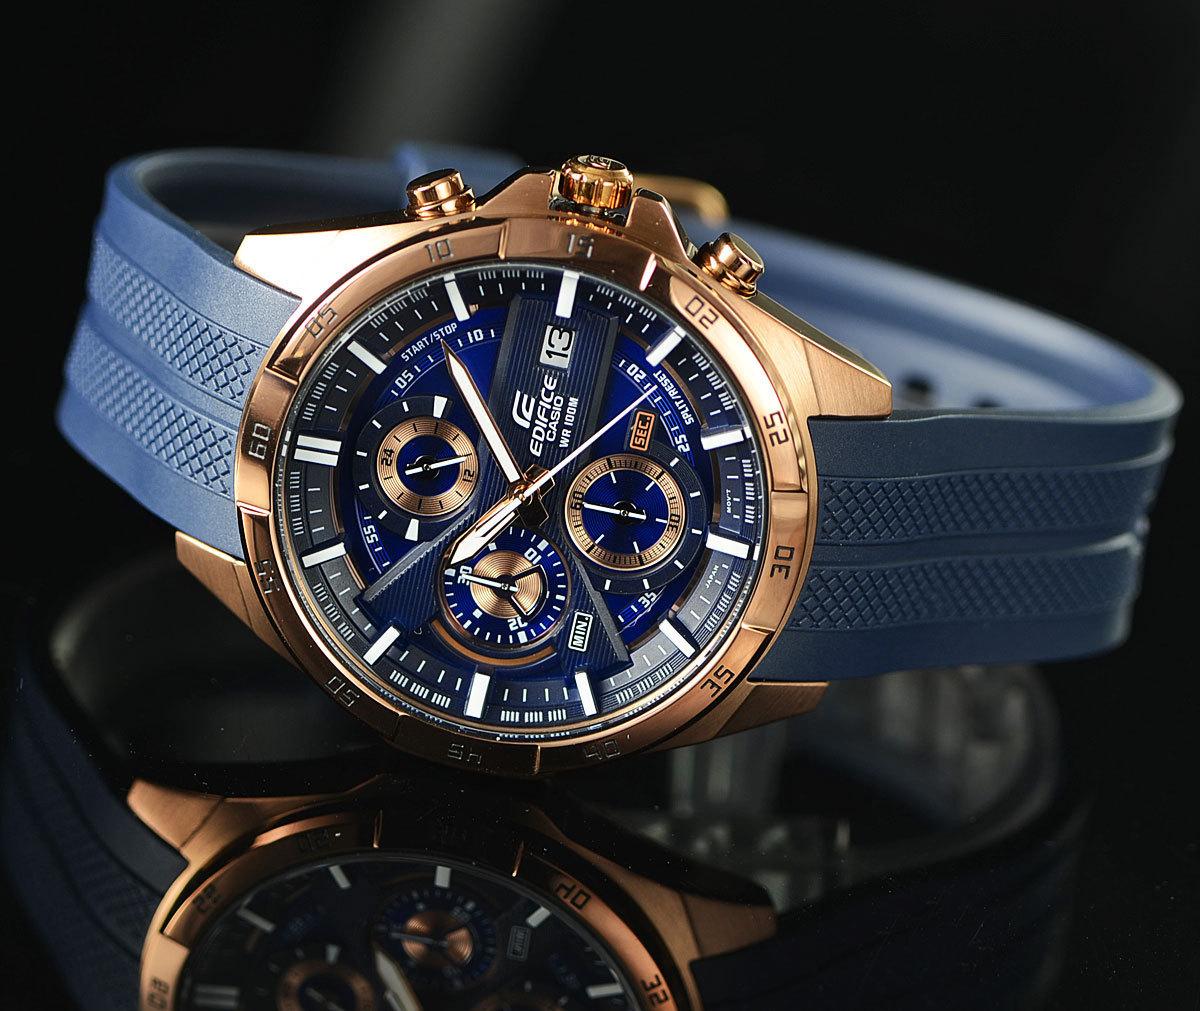 1円開始 カシオ 逆輸入EDIFICE 深みあるダークブルー&豪華ブロンズ 100m防水クロノグラフ 日本未発売 CASIO未使用メンズ カシオ腕時計_品質で選べば世界のカシオ